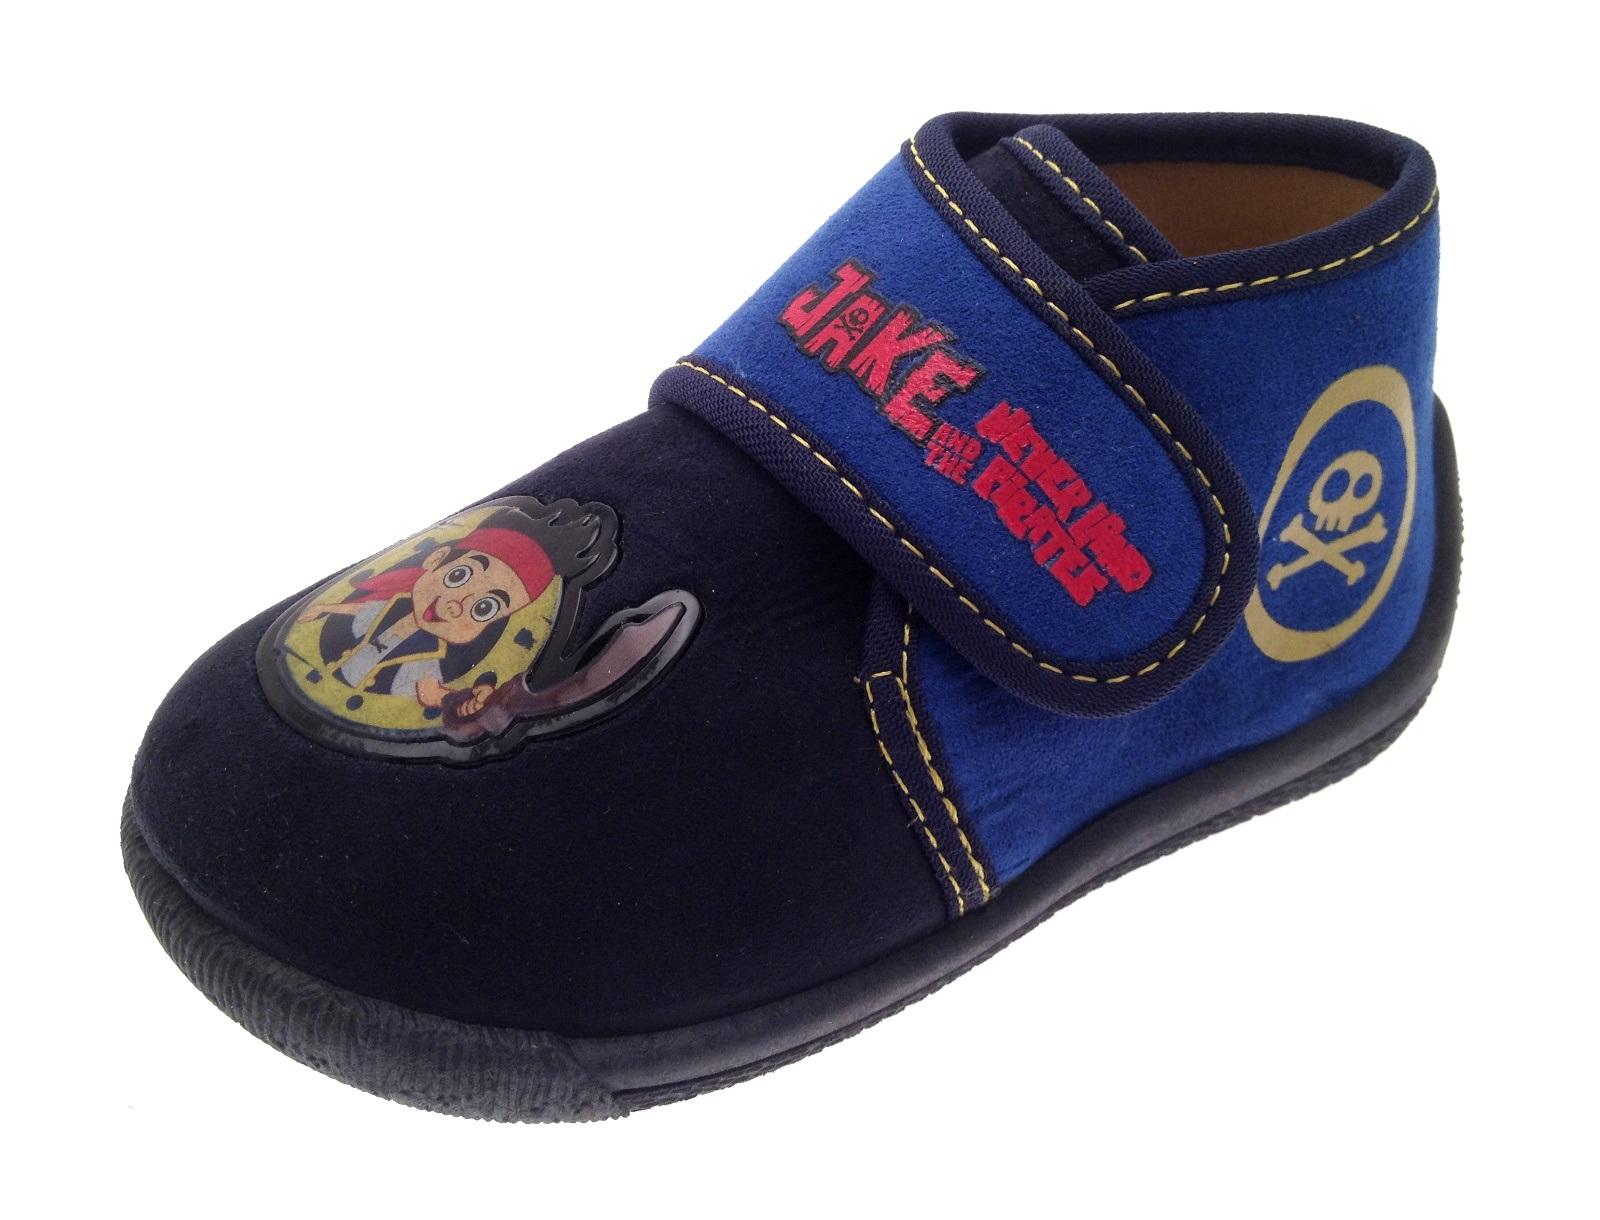 Ninos Chicos Jake Neverland Pirates Zapatillas Botines